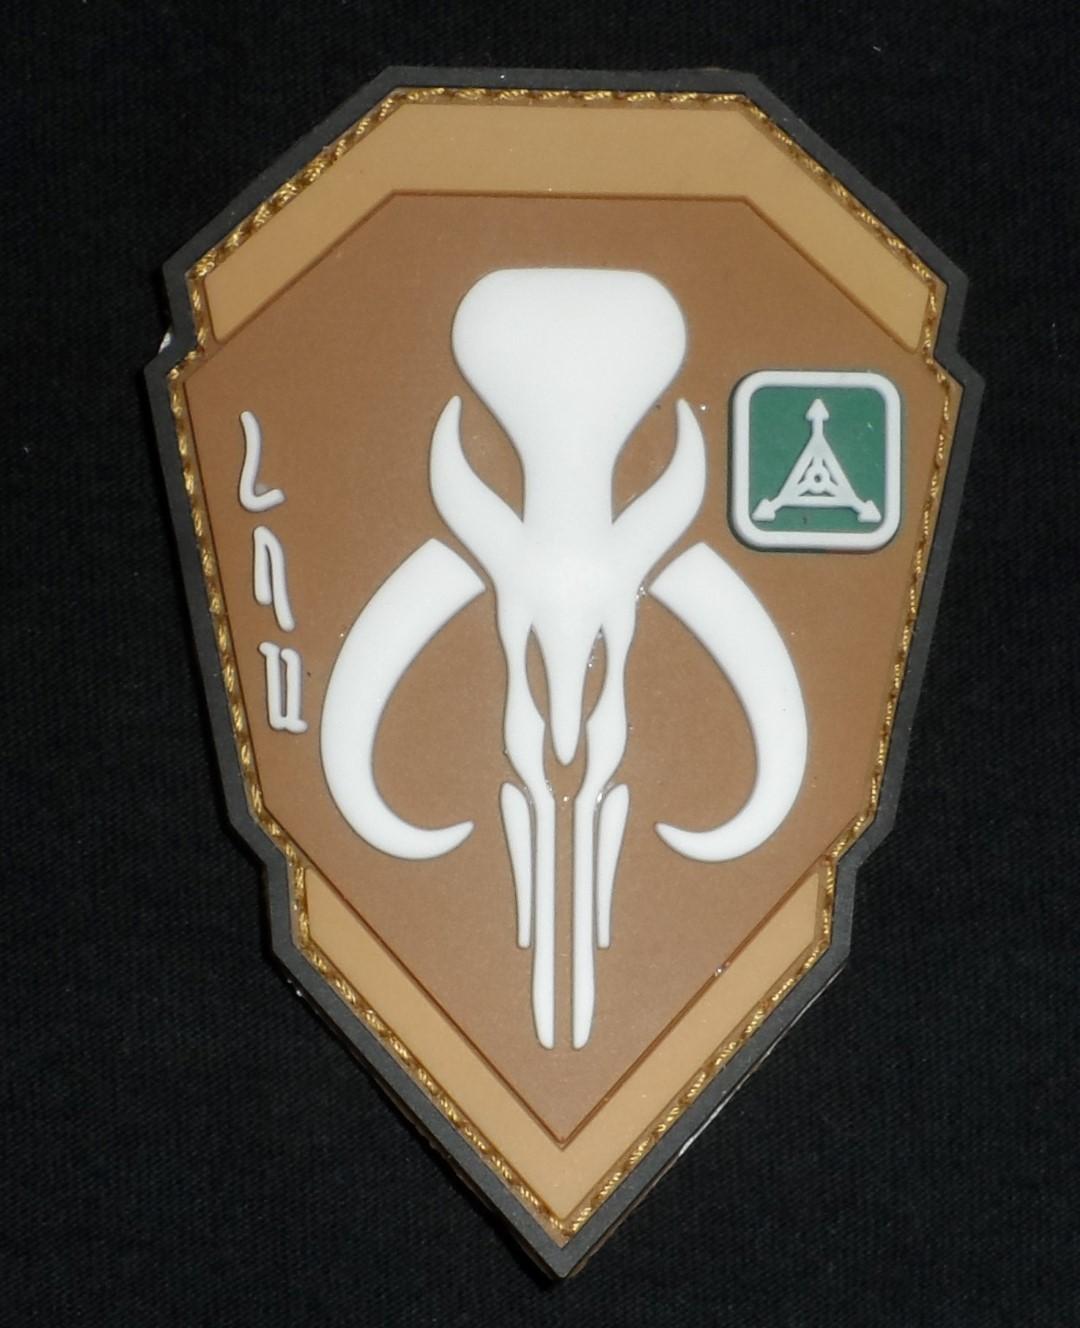 Mandalorian Logo Patch - White/Tan